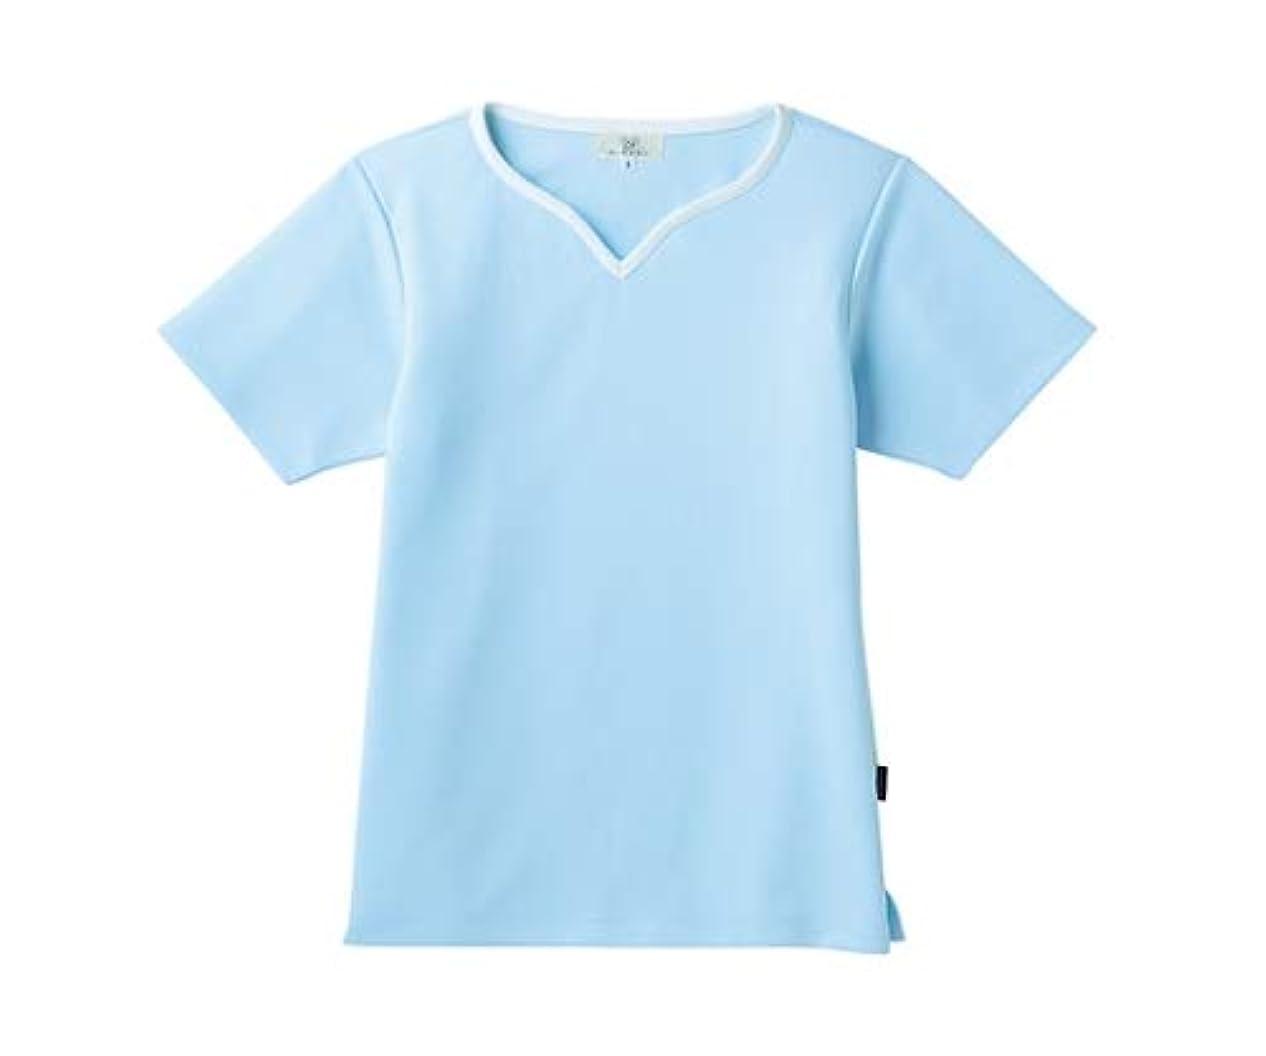 バルクジーンズ効能トンボ/KIRAKU レディス入浴介助用シャツ CR161 S サックス